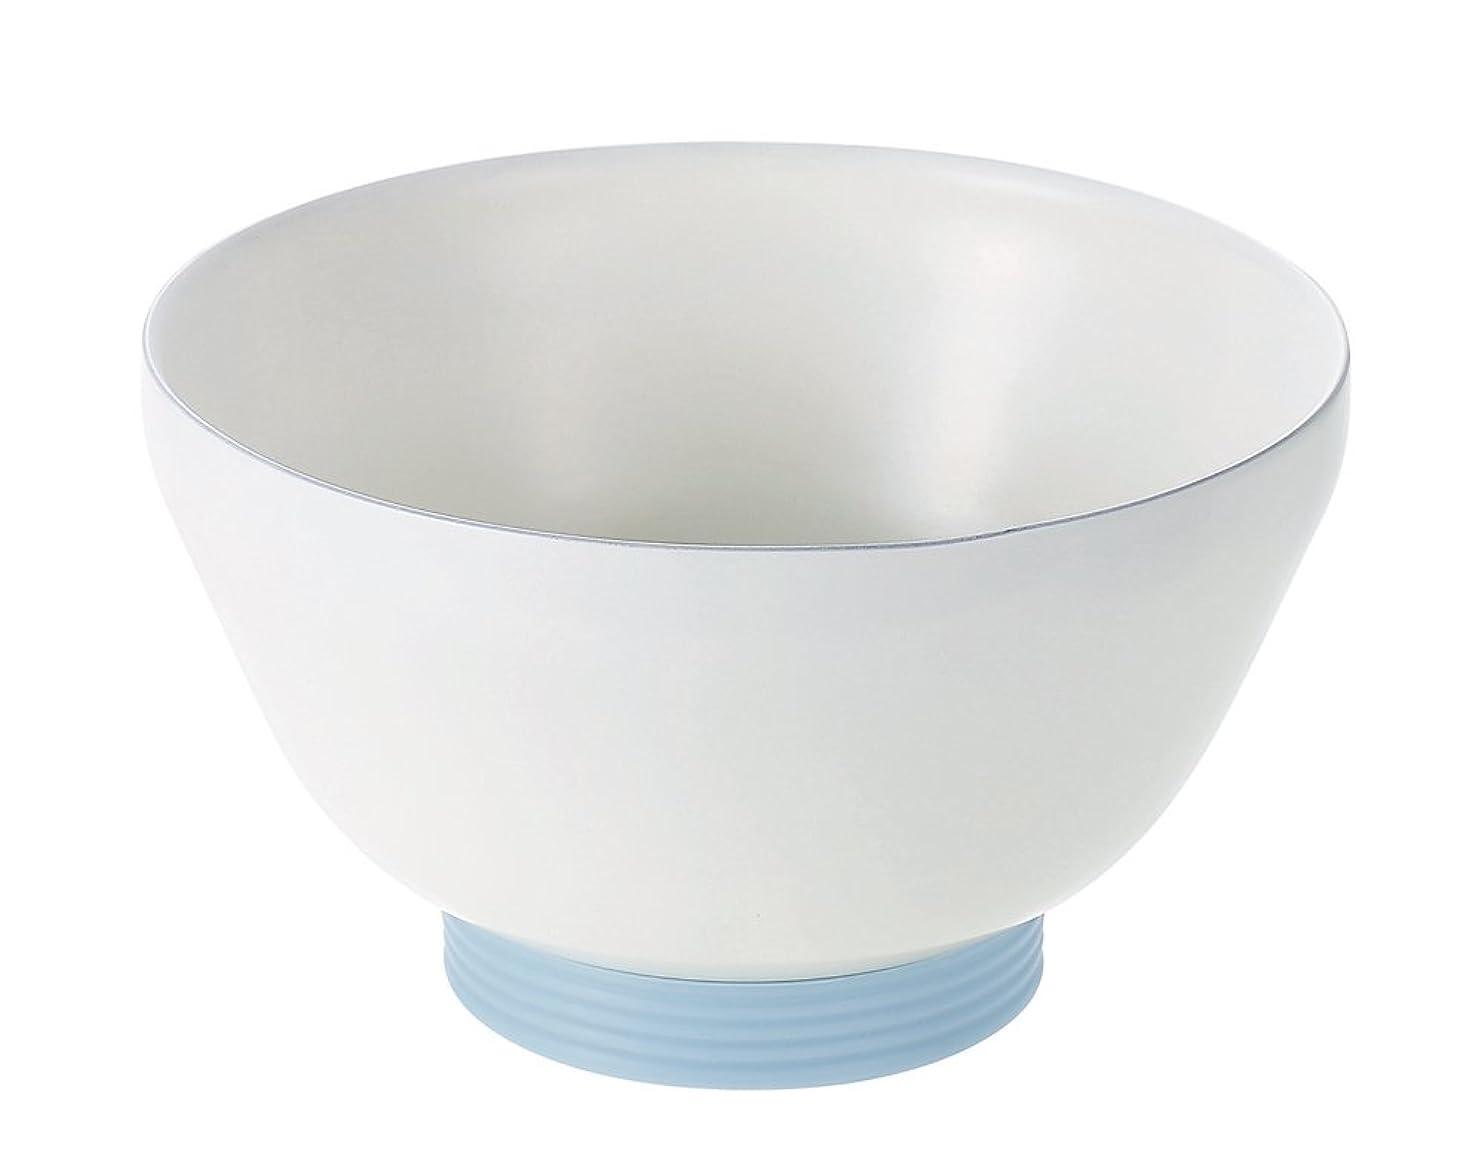 扱う絶望応援するパール金属 真空 断熱 スープ ボウル ホワイト 保温 保冷 カルドン HB-1093